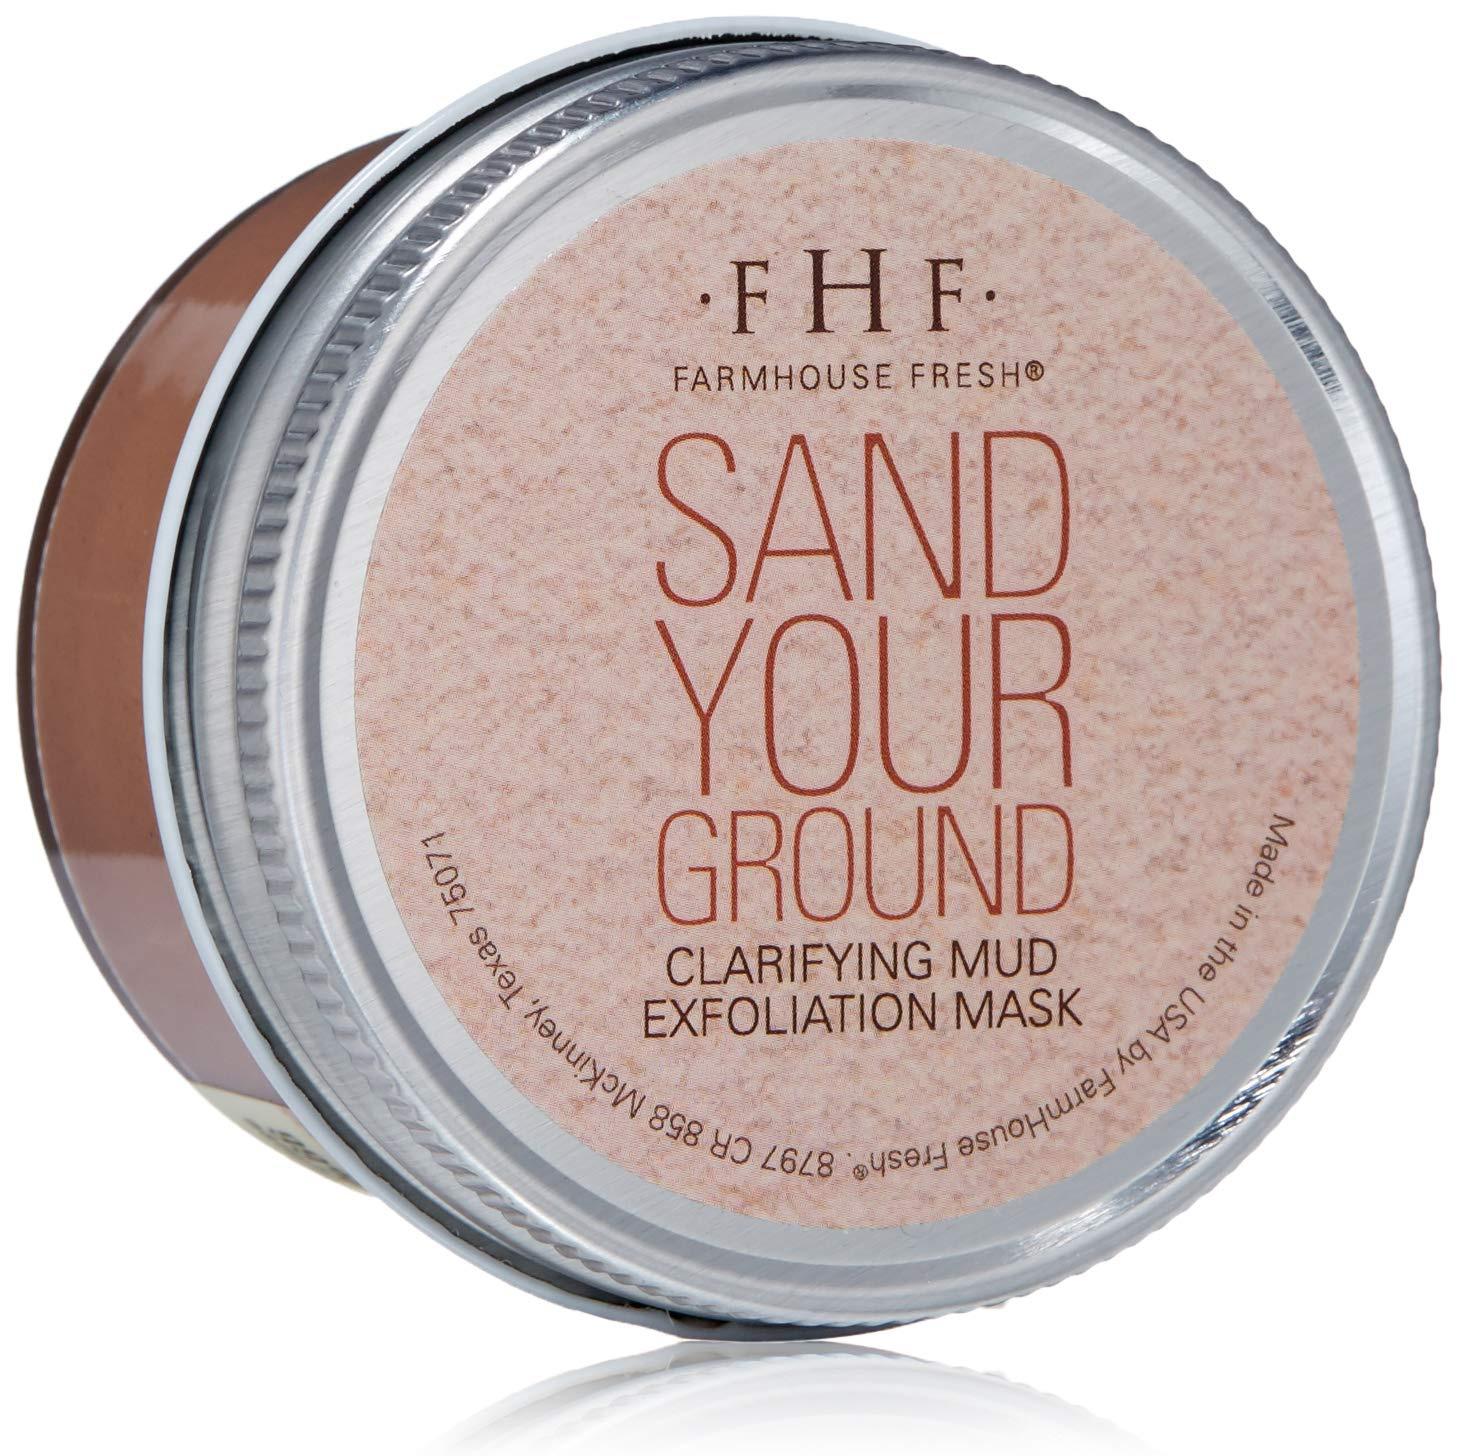 FarmHouse Fresh Sand Your Ground® Clarifying Mud Exfoliation Mask